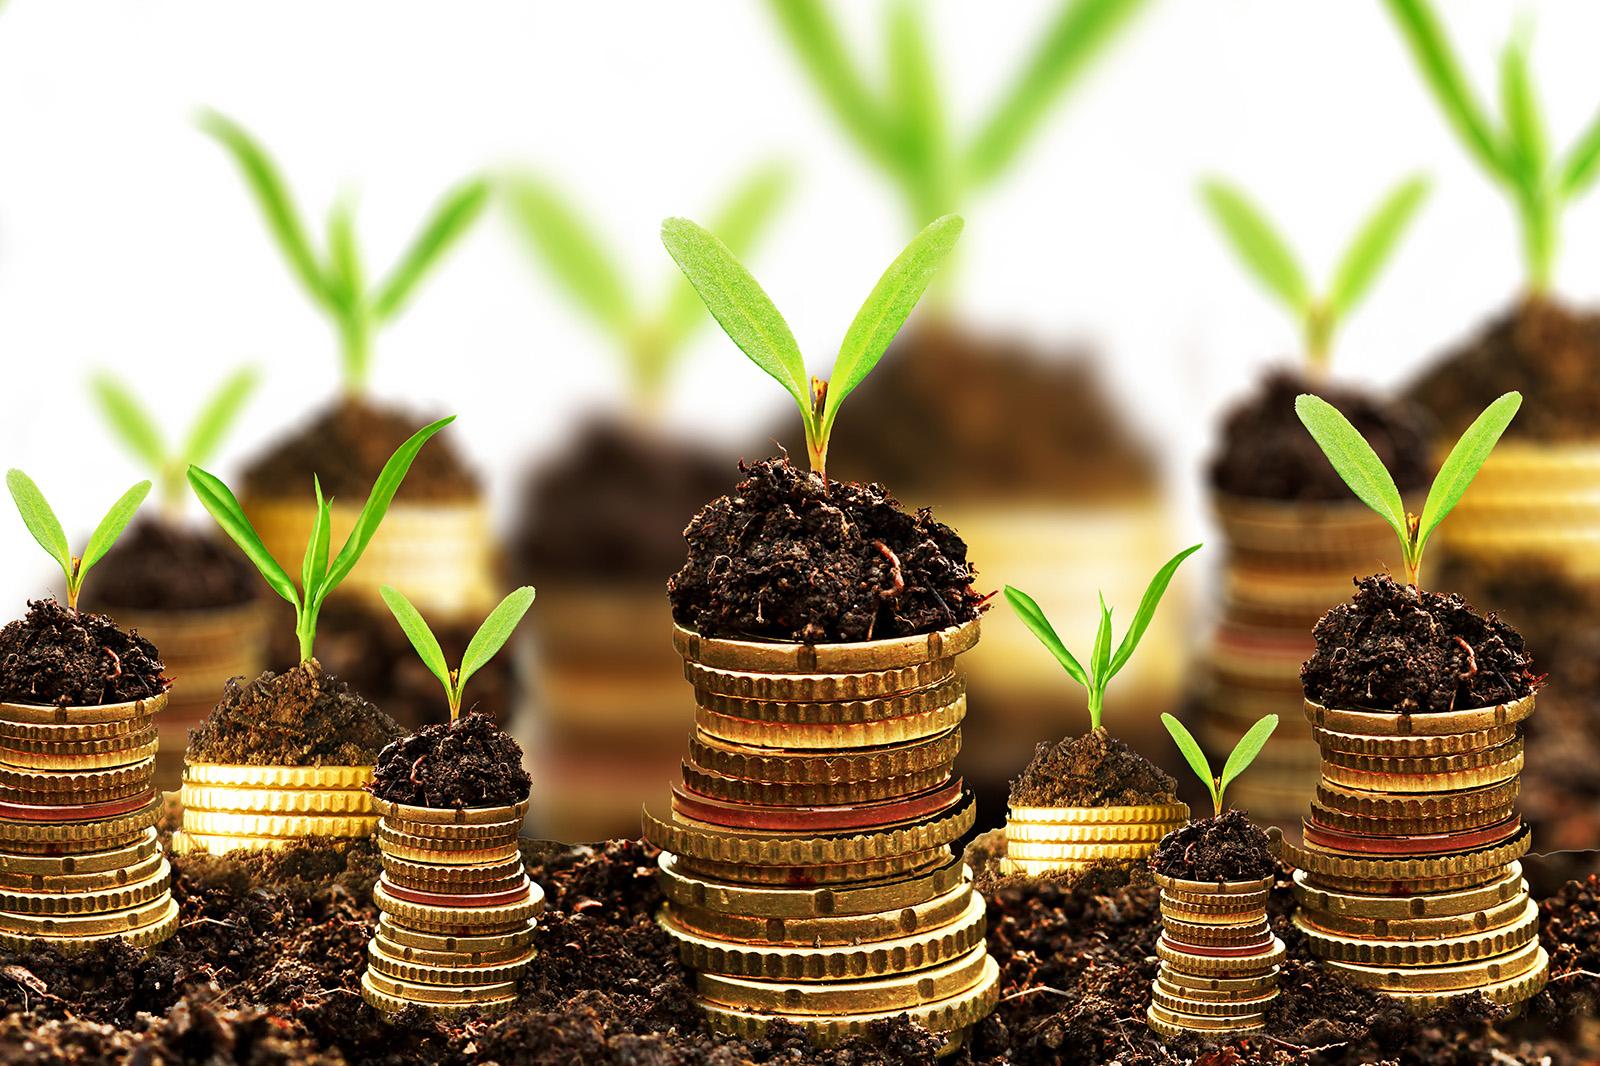 Hvordan gør jeg min samlede portefølje etisk og bæredygtig?